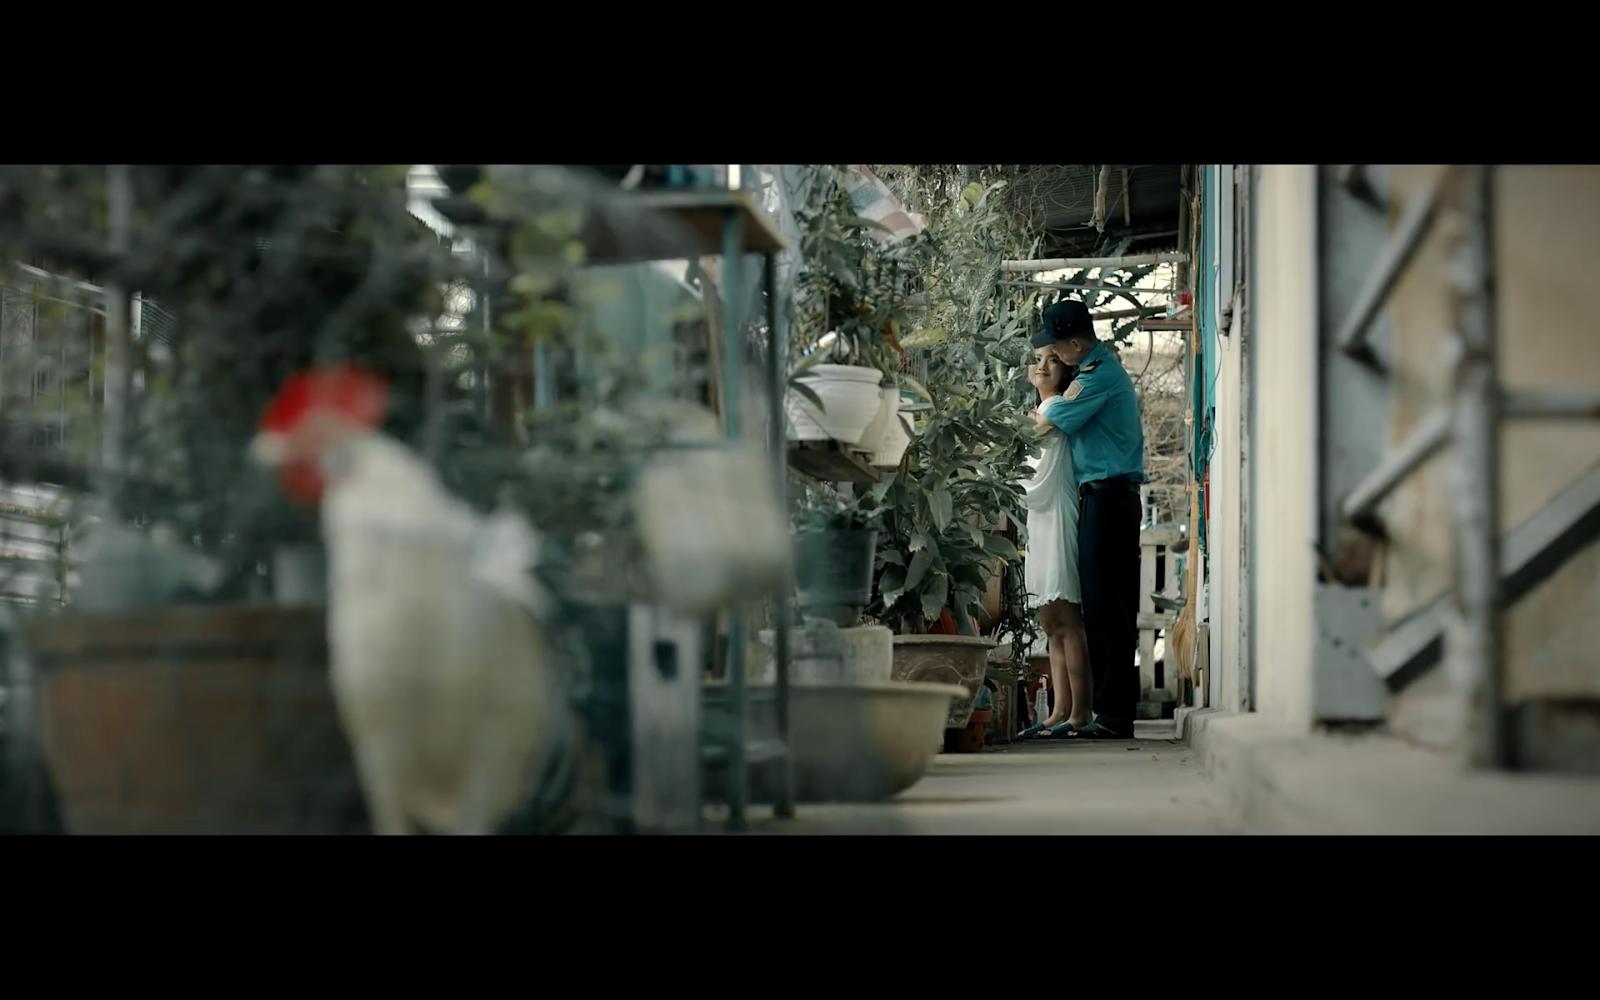 Nối tiếp thành tích của Sầu Hồng Gai, phần 2 với plot-twist không kém phim điện ảnh - Hình 5